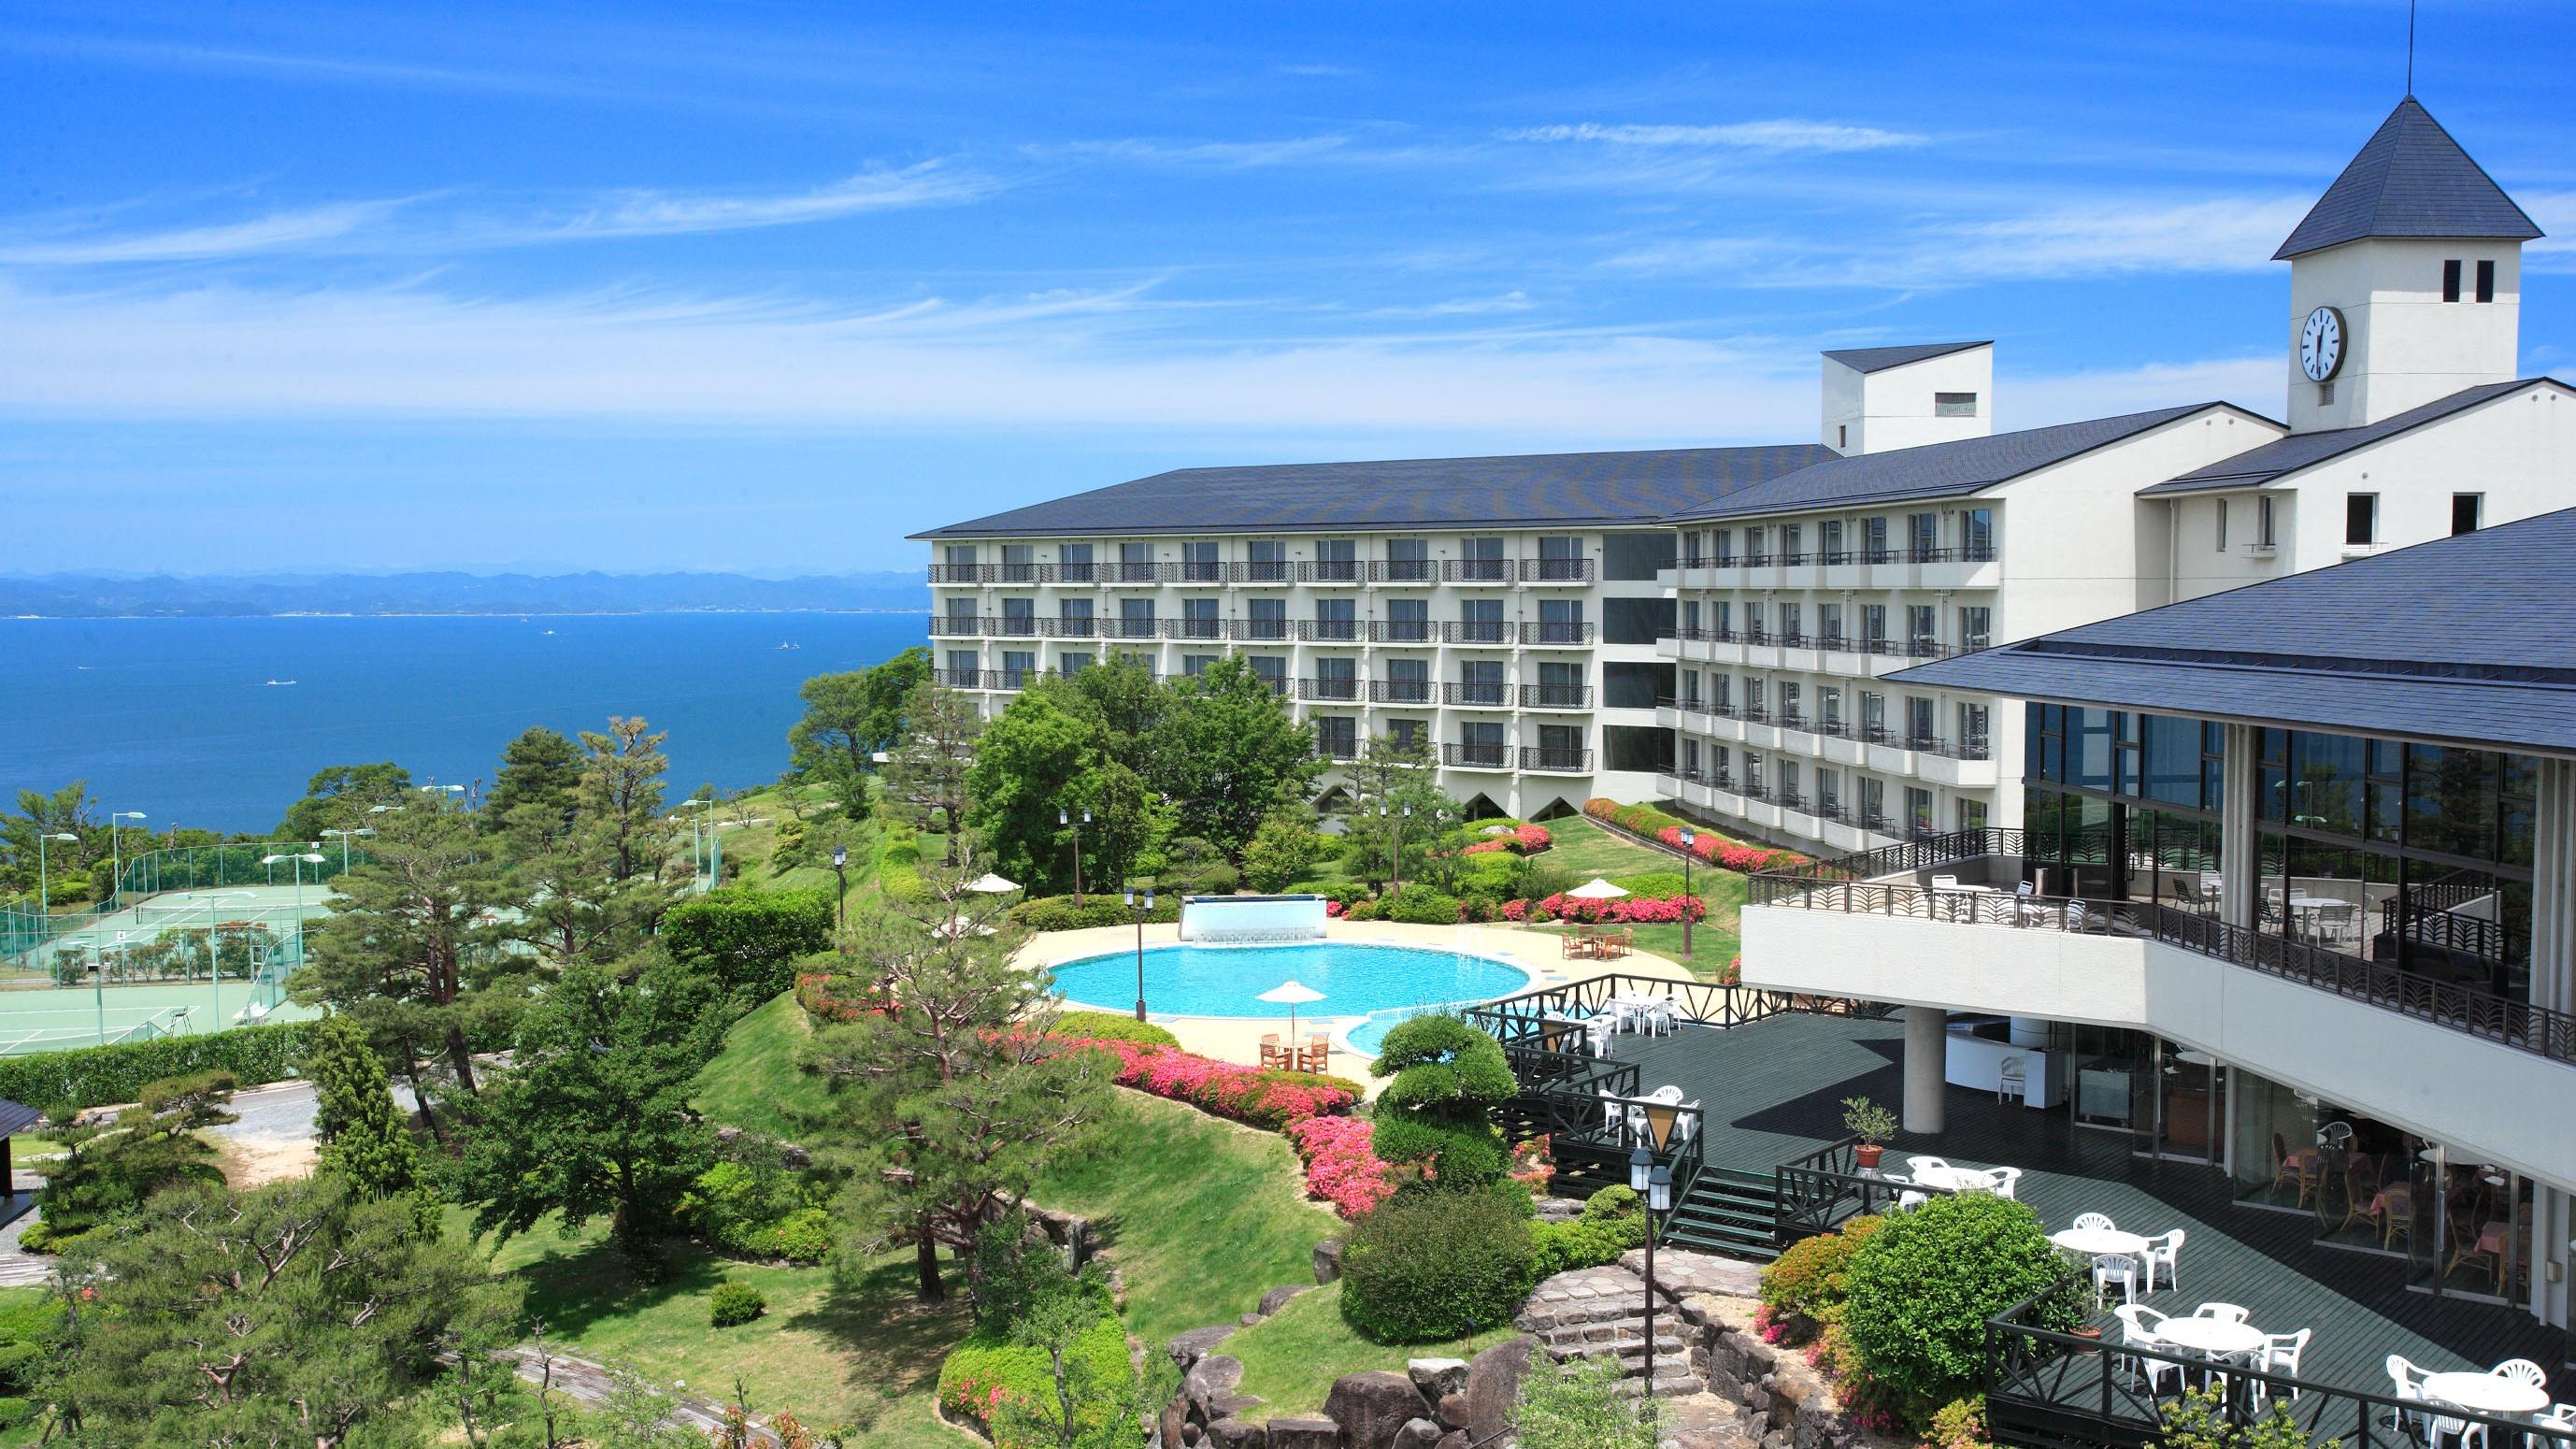 【インスタ映え】小豆島のオリーブ公園で女子旅4人におすすめのホテル